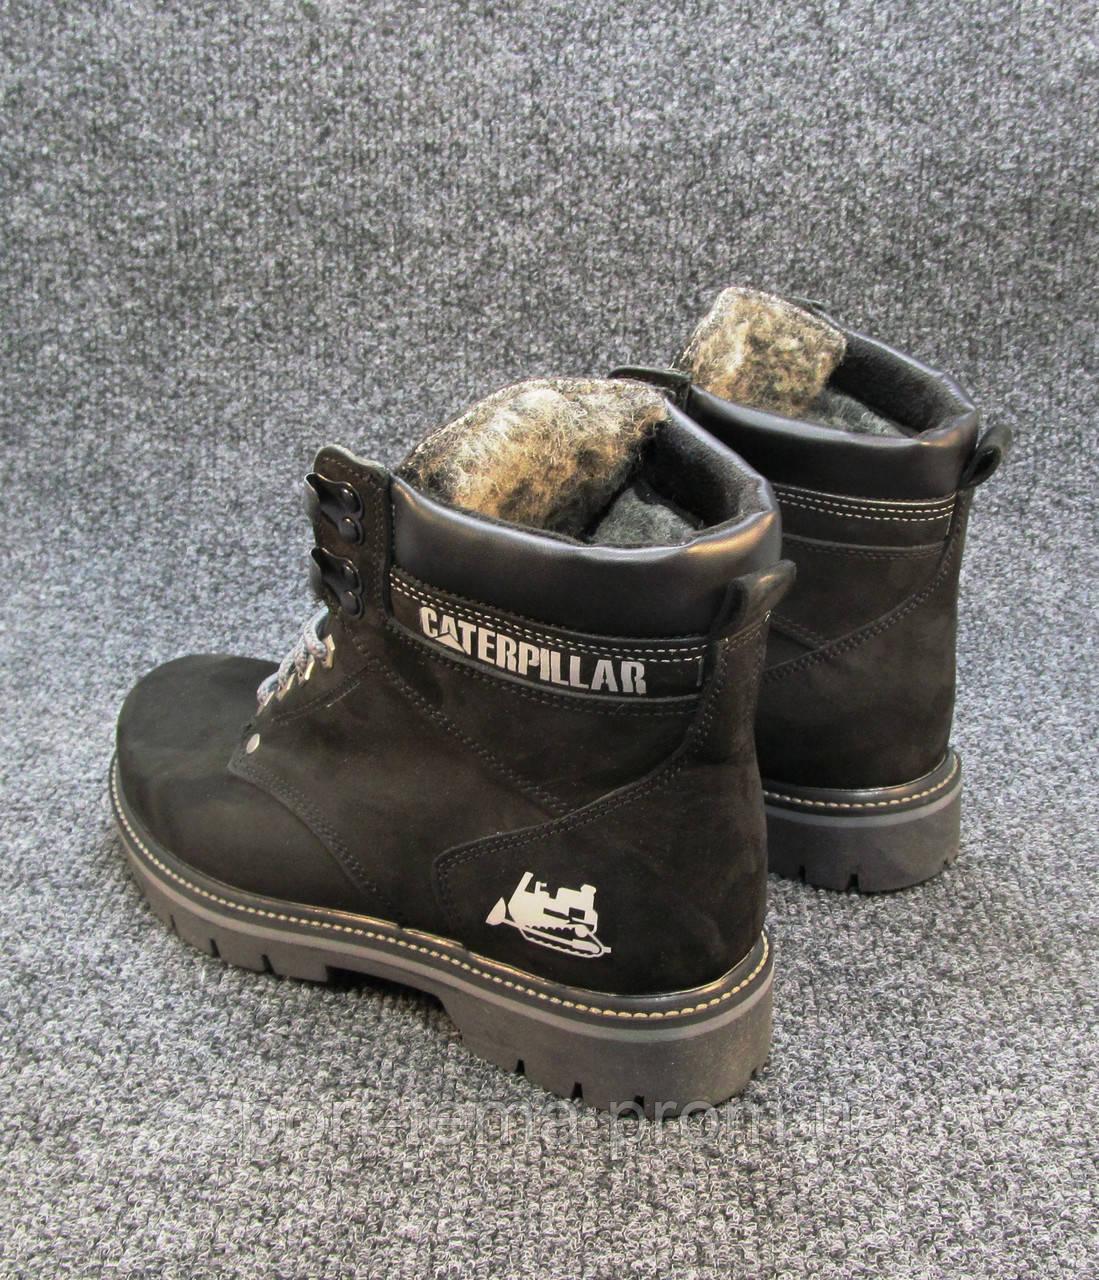 1fdae1f53 Ботинки Caterpillar кожаные с мехом черные унисекс (р.36): продажа ...